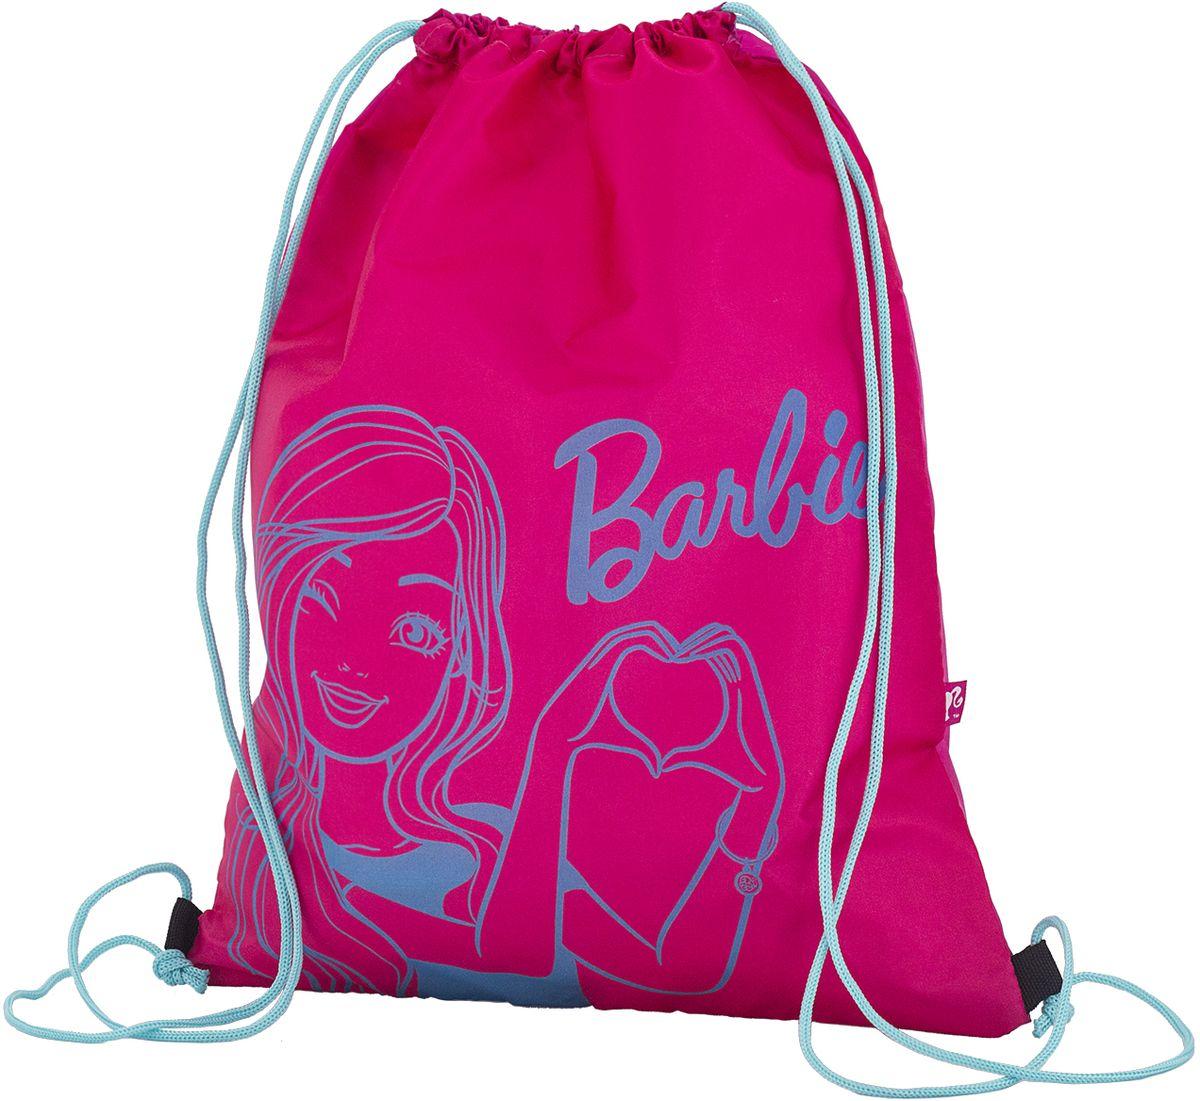 Barbie Сумка для сменной обуви BREB-MT2-883BREB-MT2-883Мешок для переноски обуви, выполнен из плотного водостойкого материала, затягивается сверху шнуром-лямкой и носится, как рюкзак. Размер: 43 х 34 х 1 см.